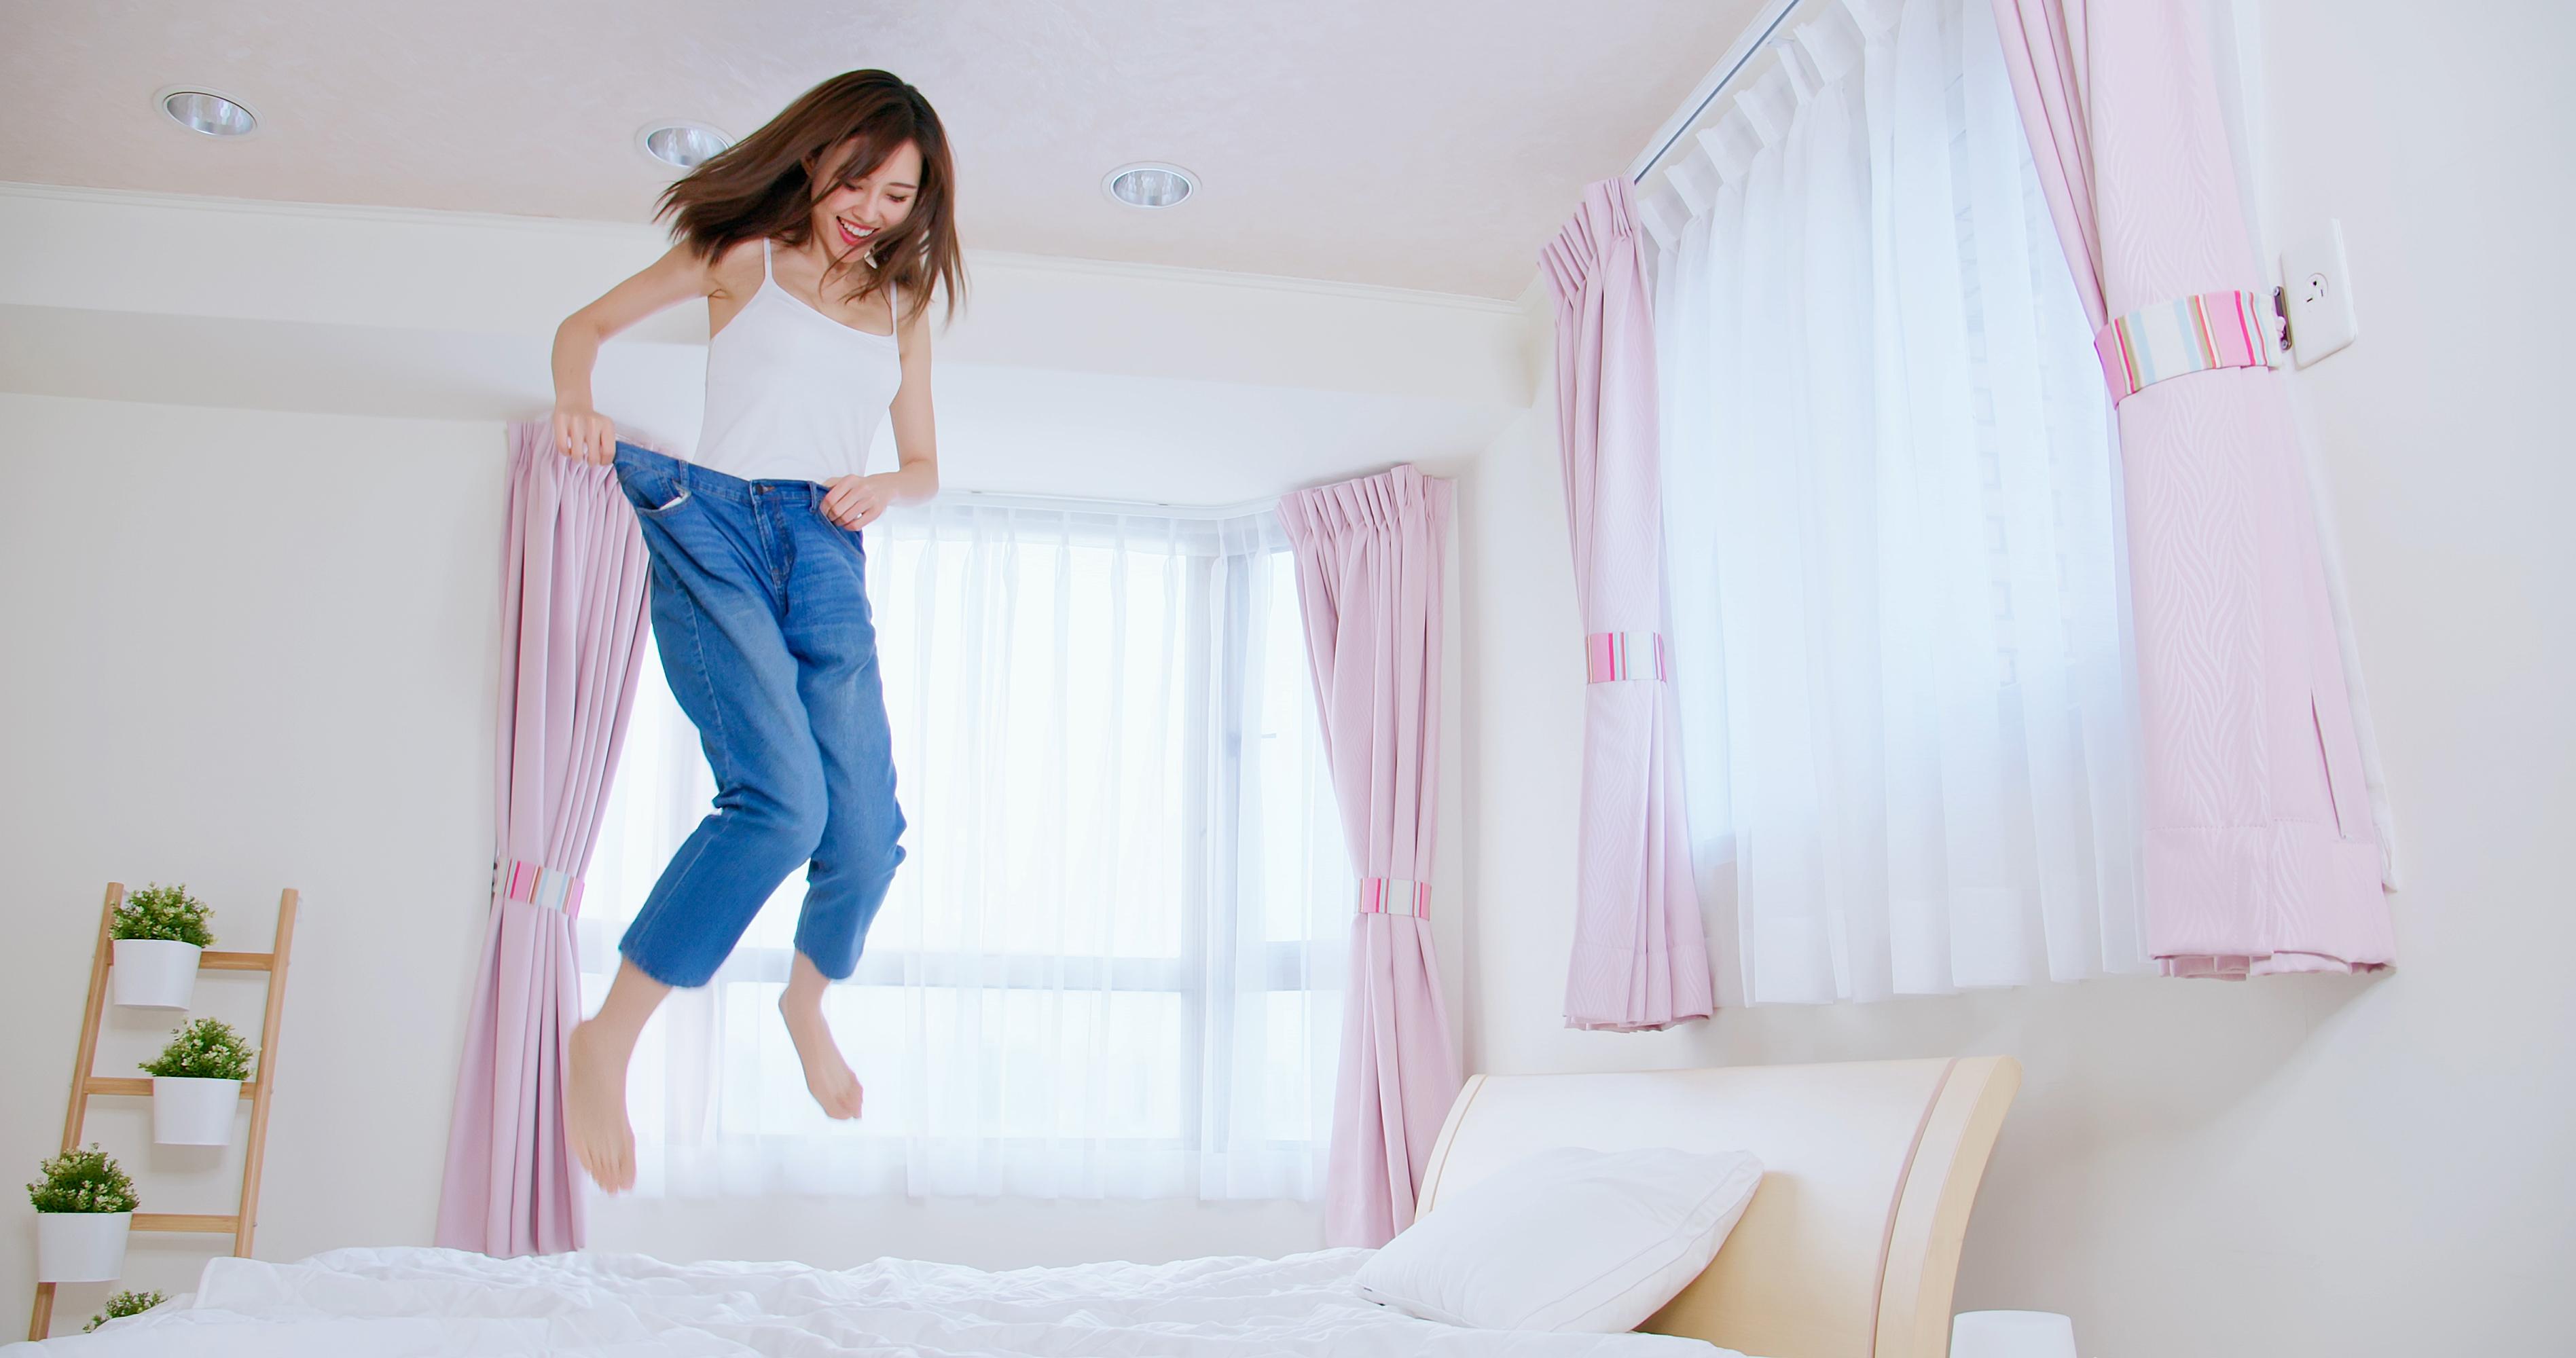 お腹がやせてベッドで飛び跳ねる女性